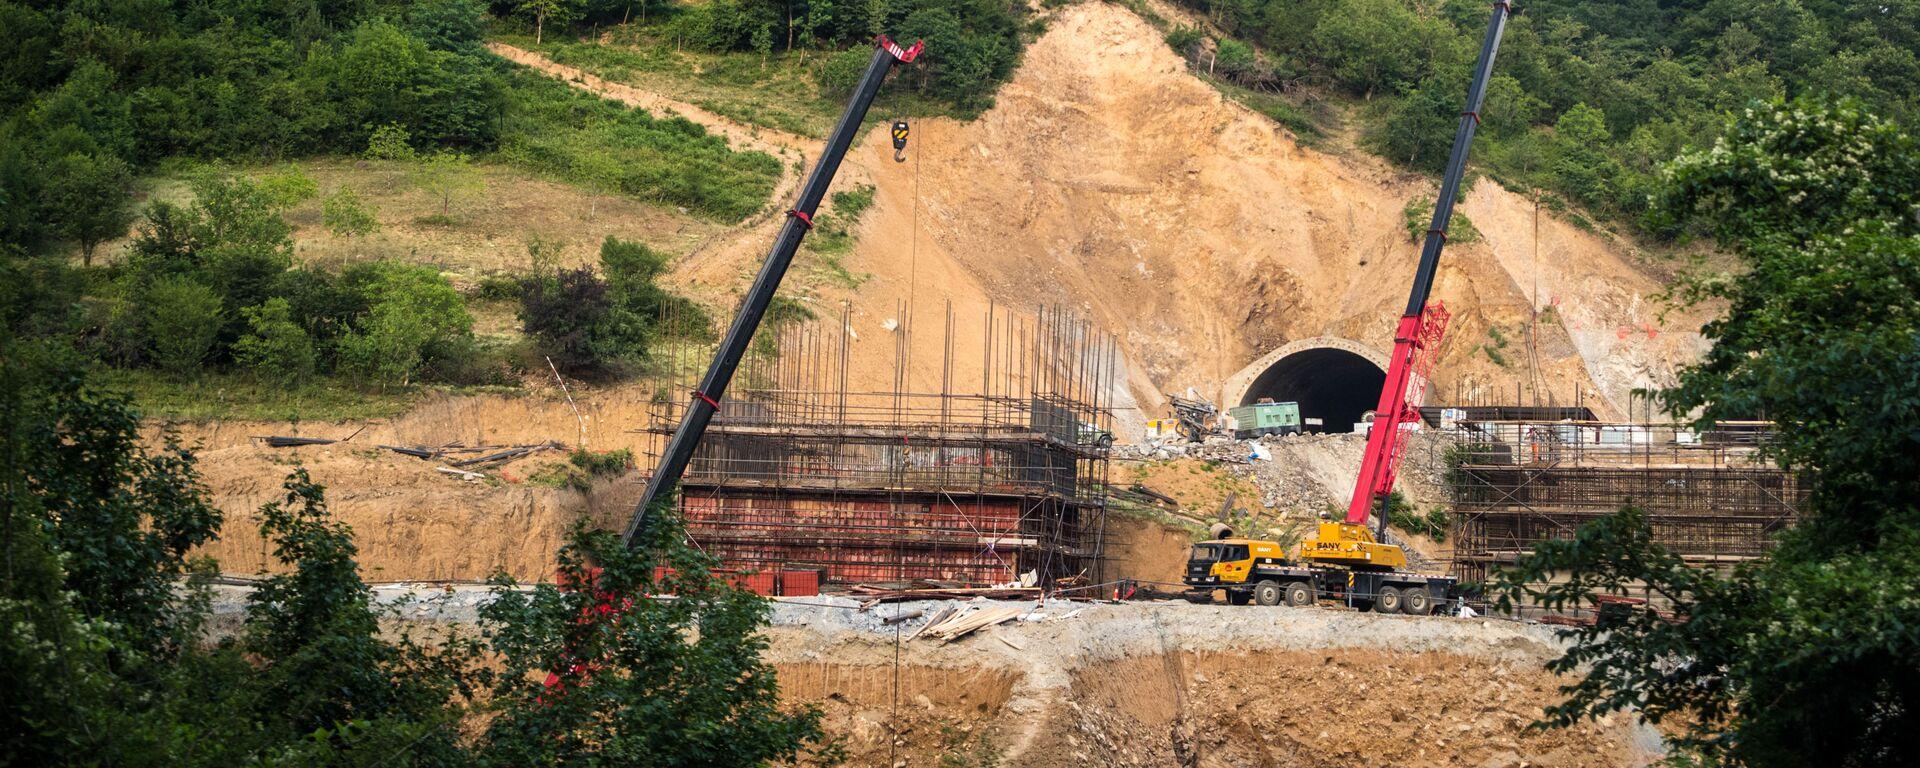 Рикотский перевал. Строительство новой трассы Восток Запад и прокладка тоннелей - Sputnik Грузия, 1920, 06.05.2021